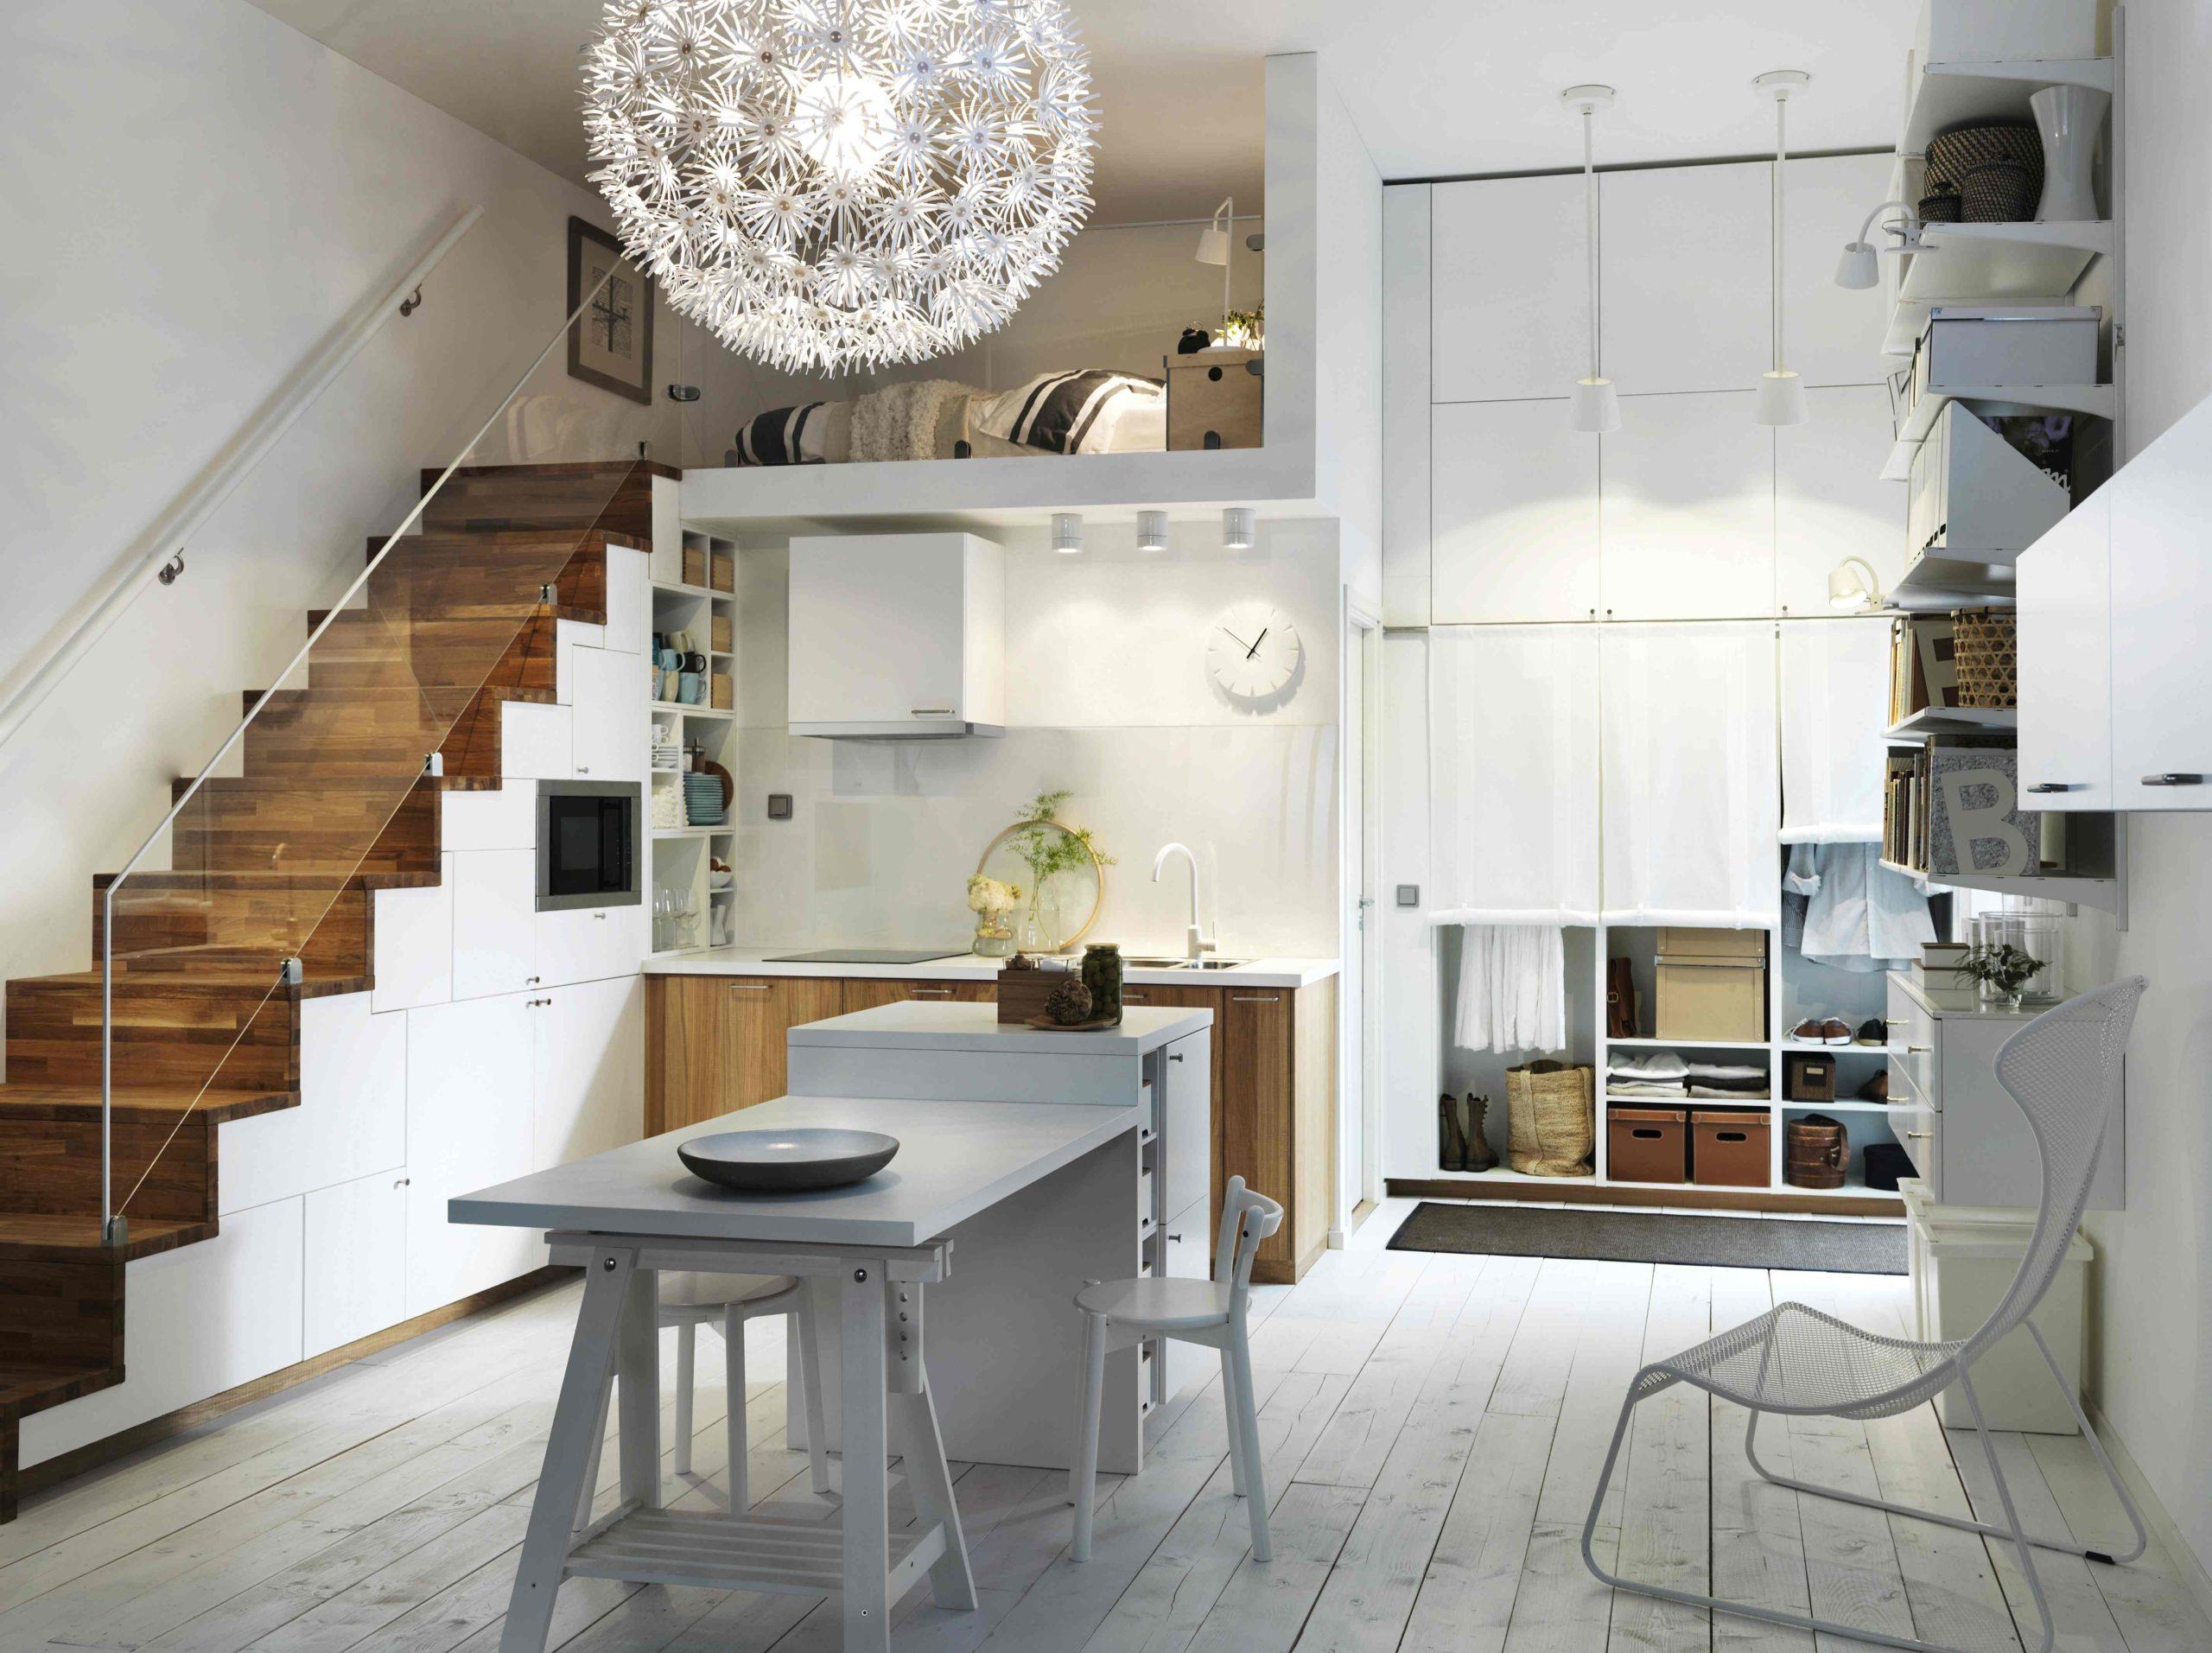 замедляет кухня на втором этаже дома фото употребление растворенное горячей